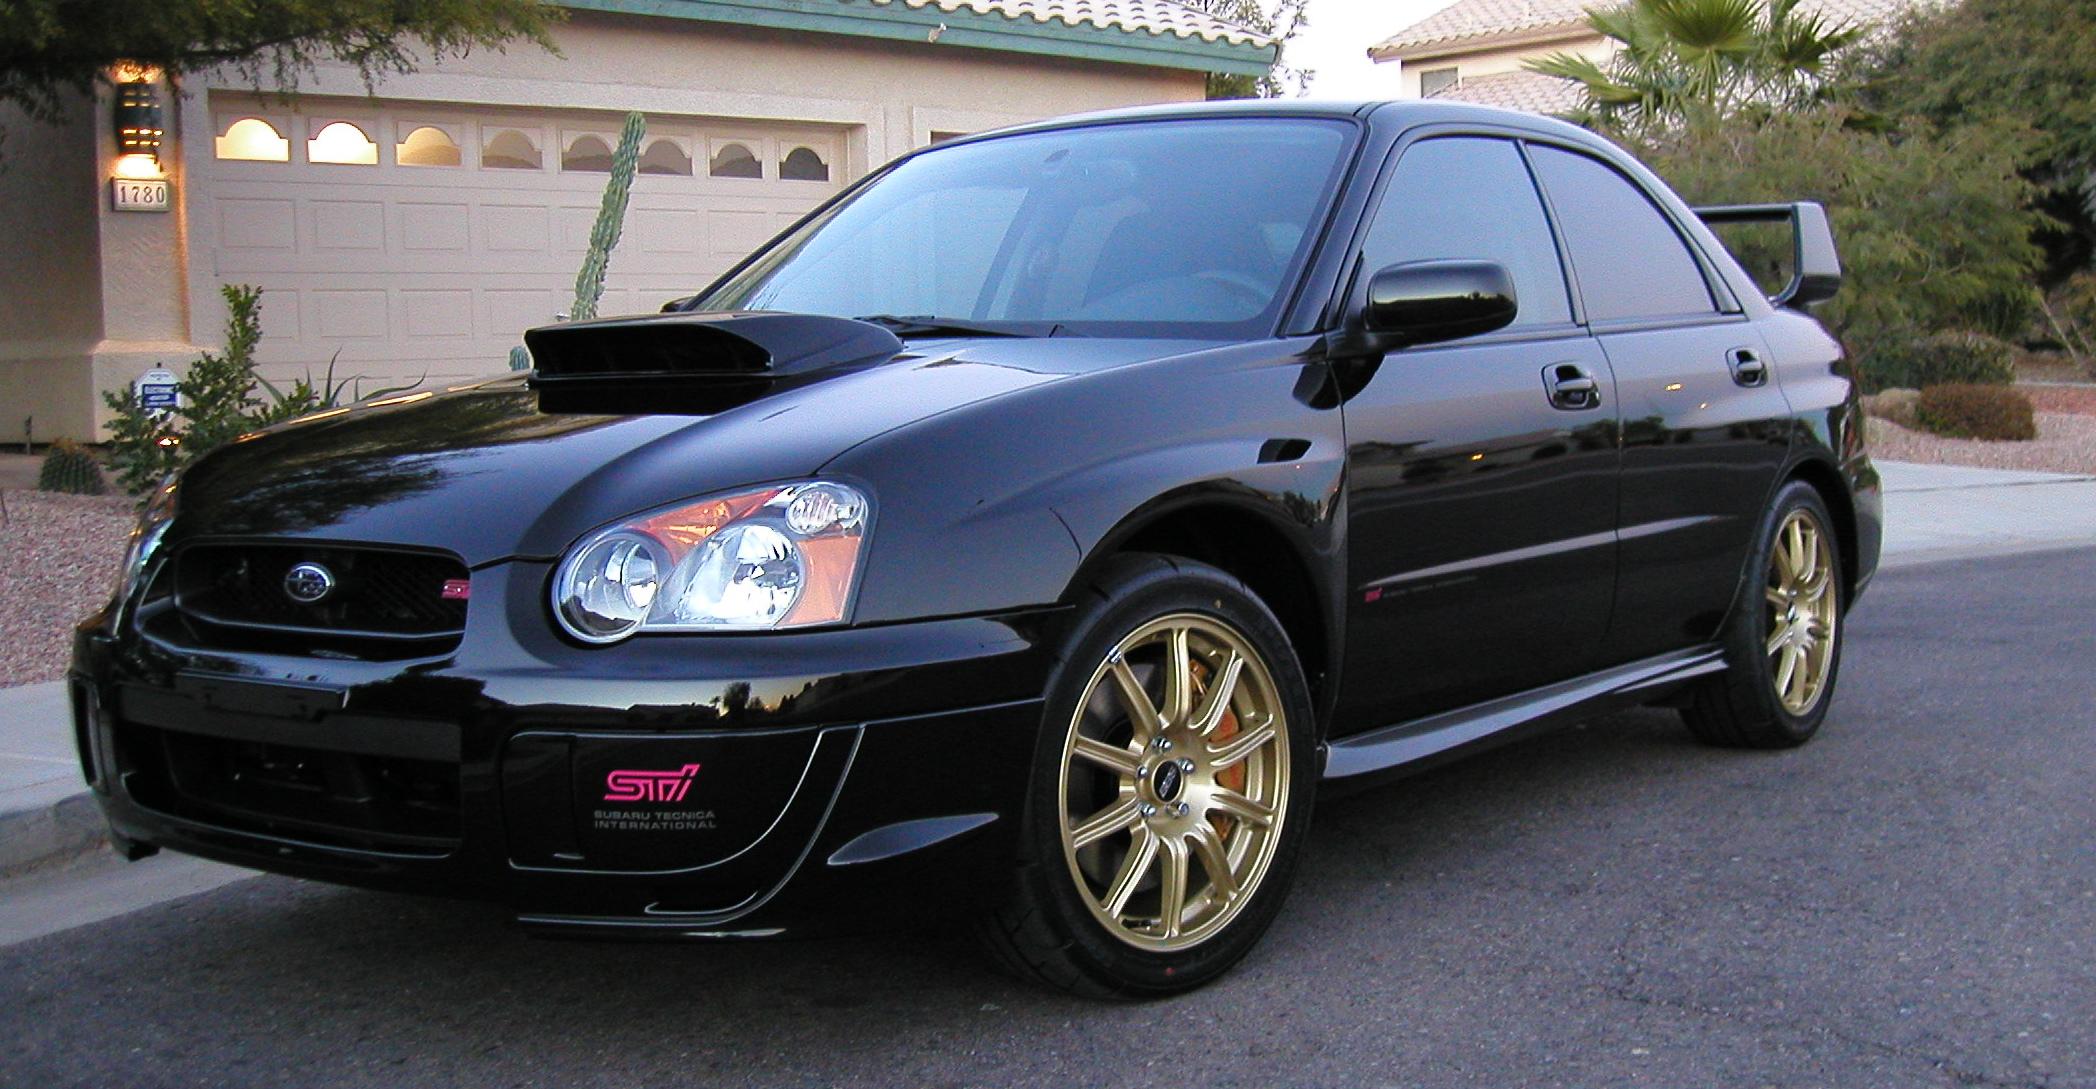 Future classic Subaru WRX STI ClassicCars Journal